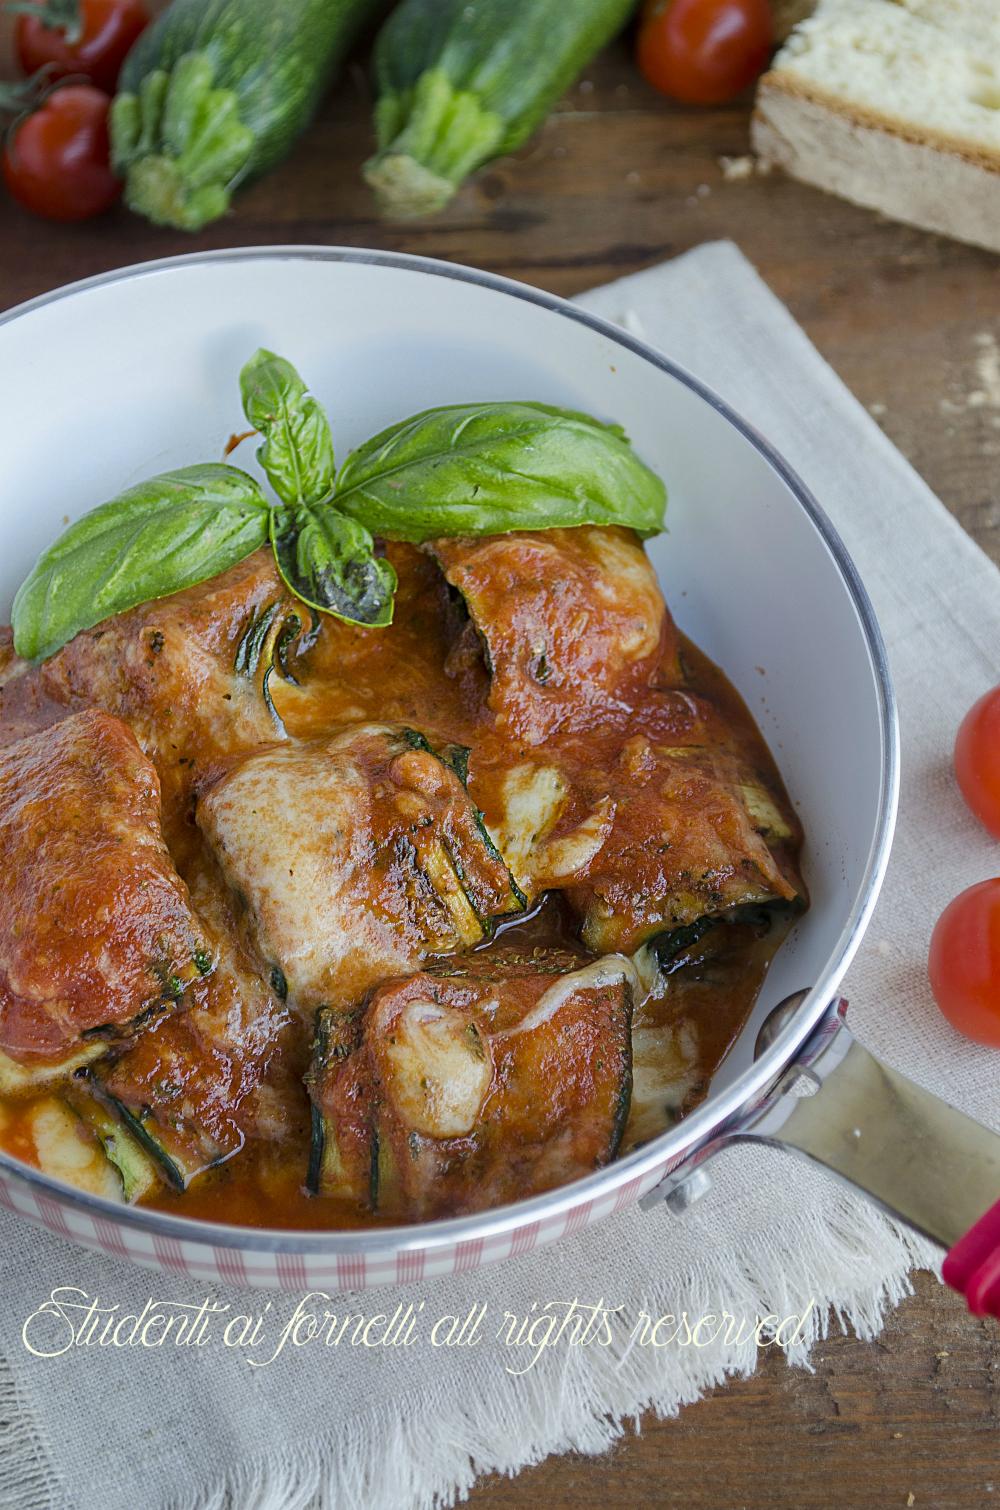 involtini di zucchine in padella con sugo e mozzarella senza frittura ricetta secondo